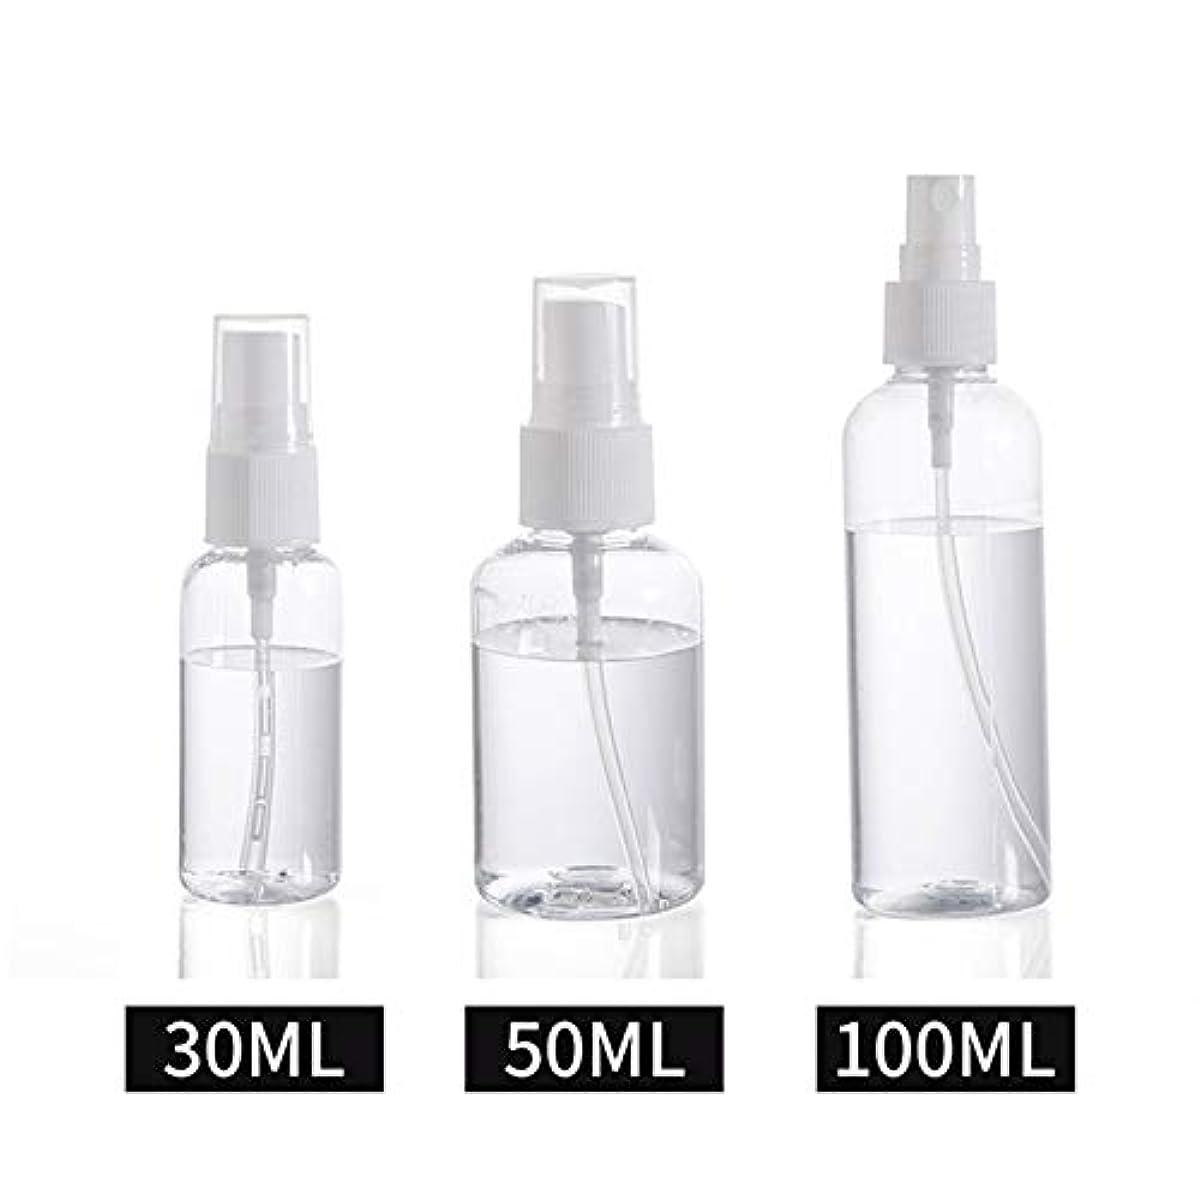 呼吸構成絵30ml / 50ml / 100ml スプレーボトル 小分けボトル 詰め替え シャンプー クリーム 化粧品